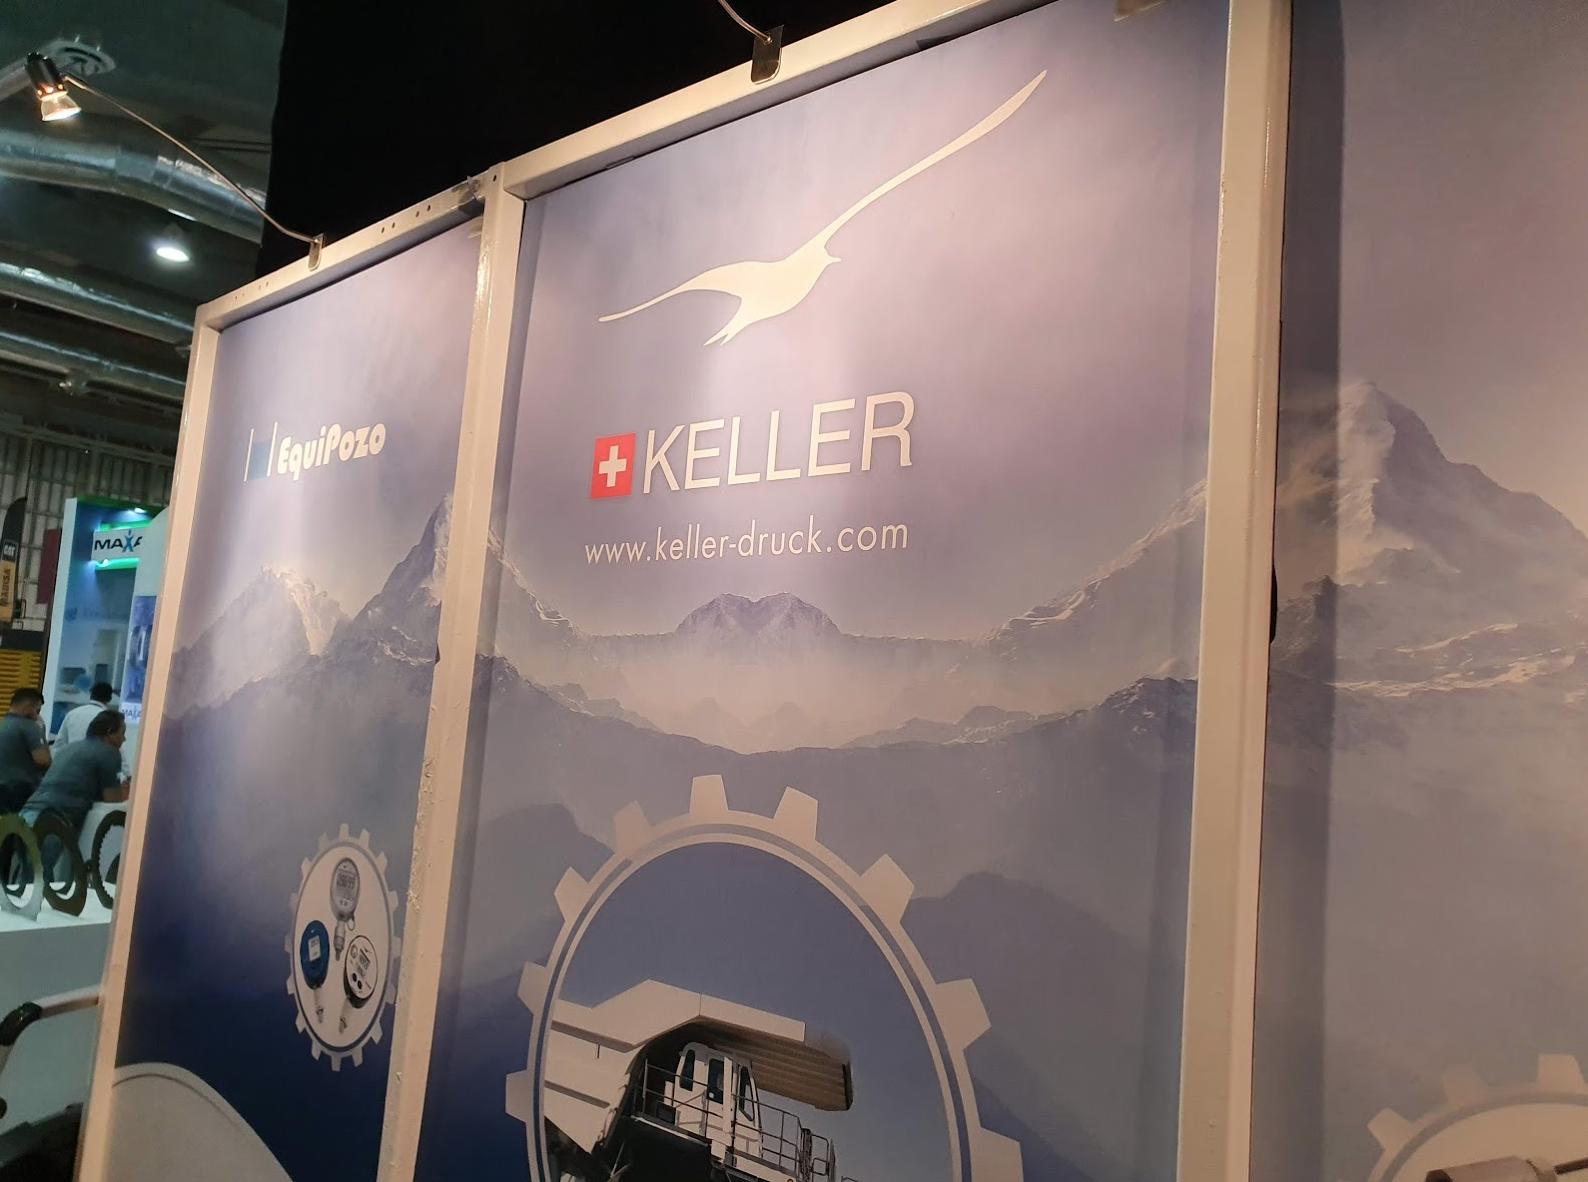 Keller Drück Mexico